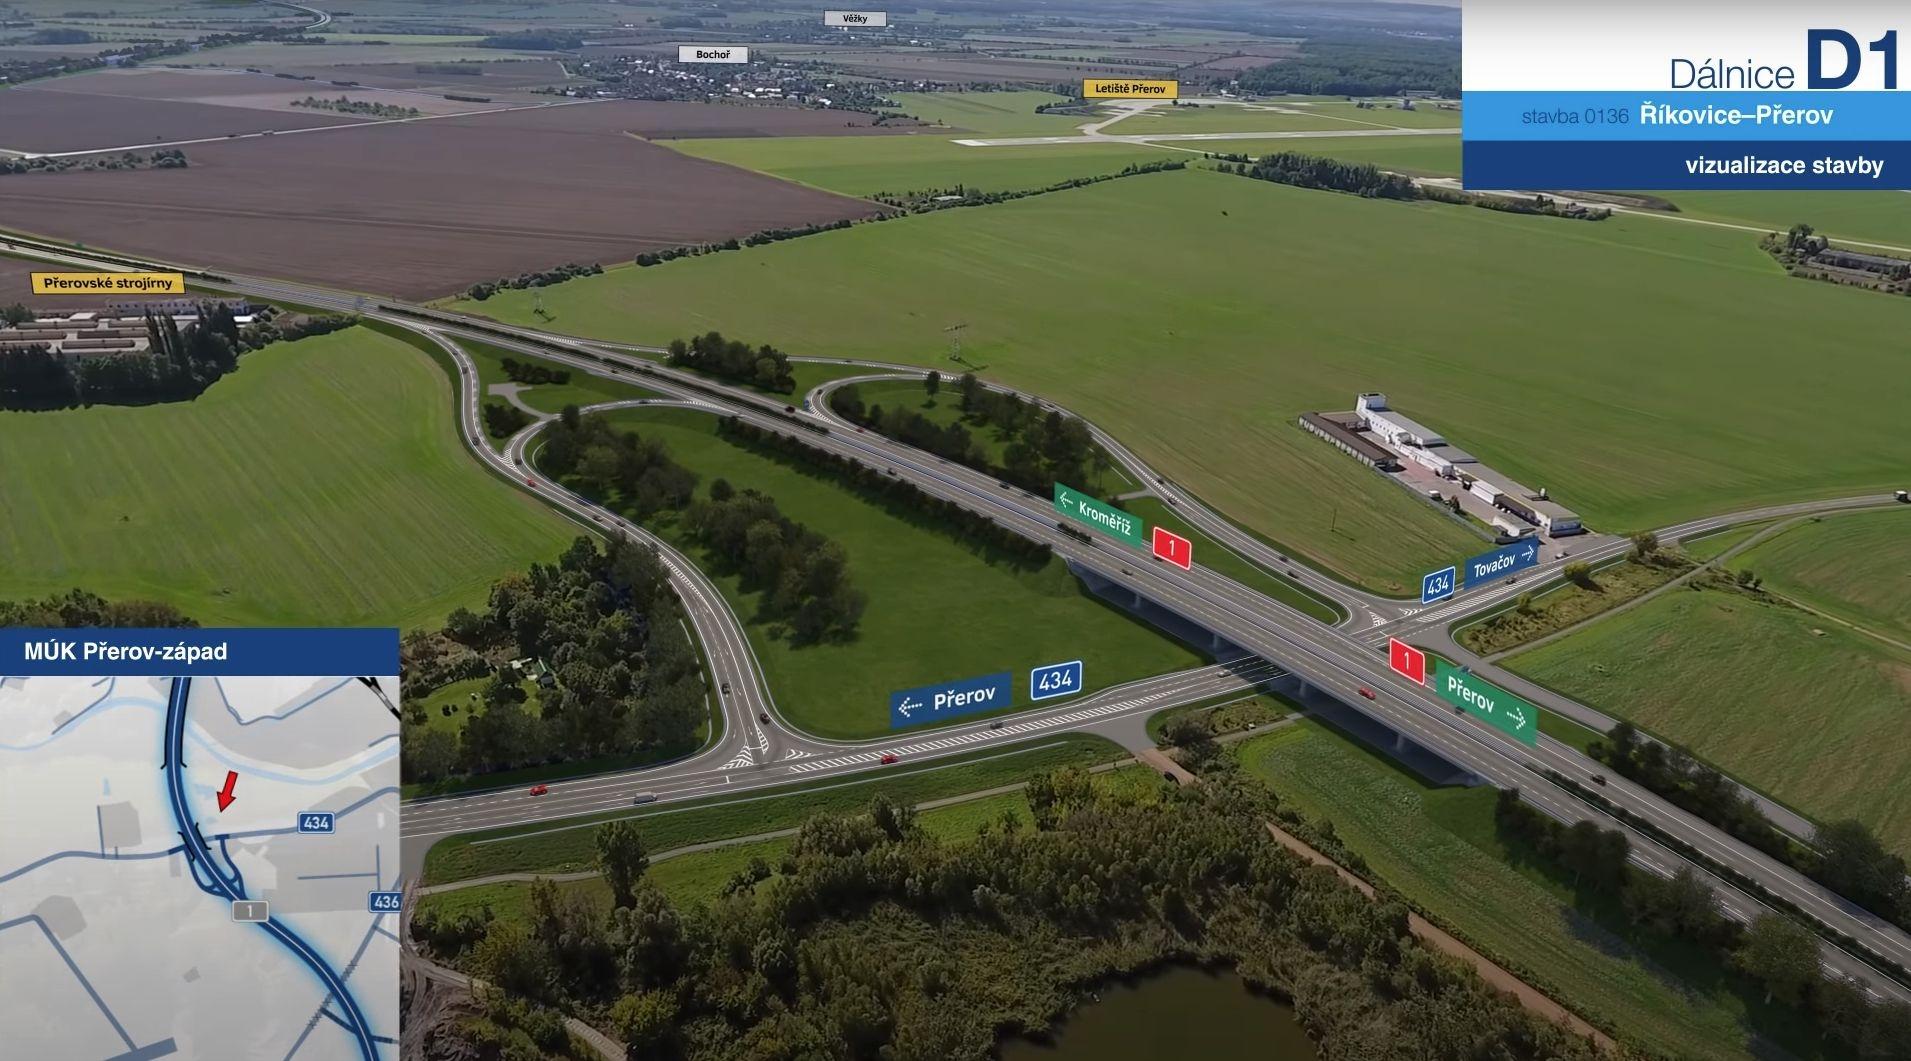 dostavba dálnice D1 zdroj: MD